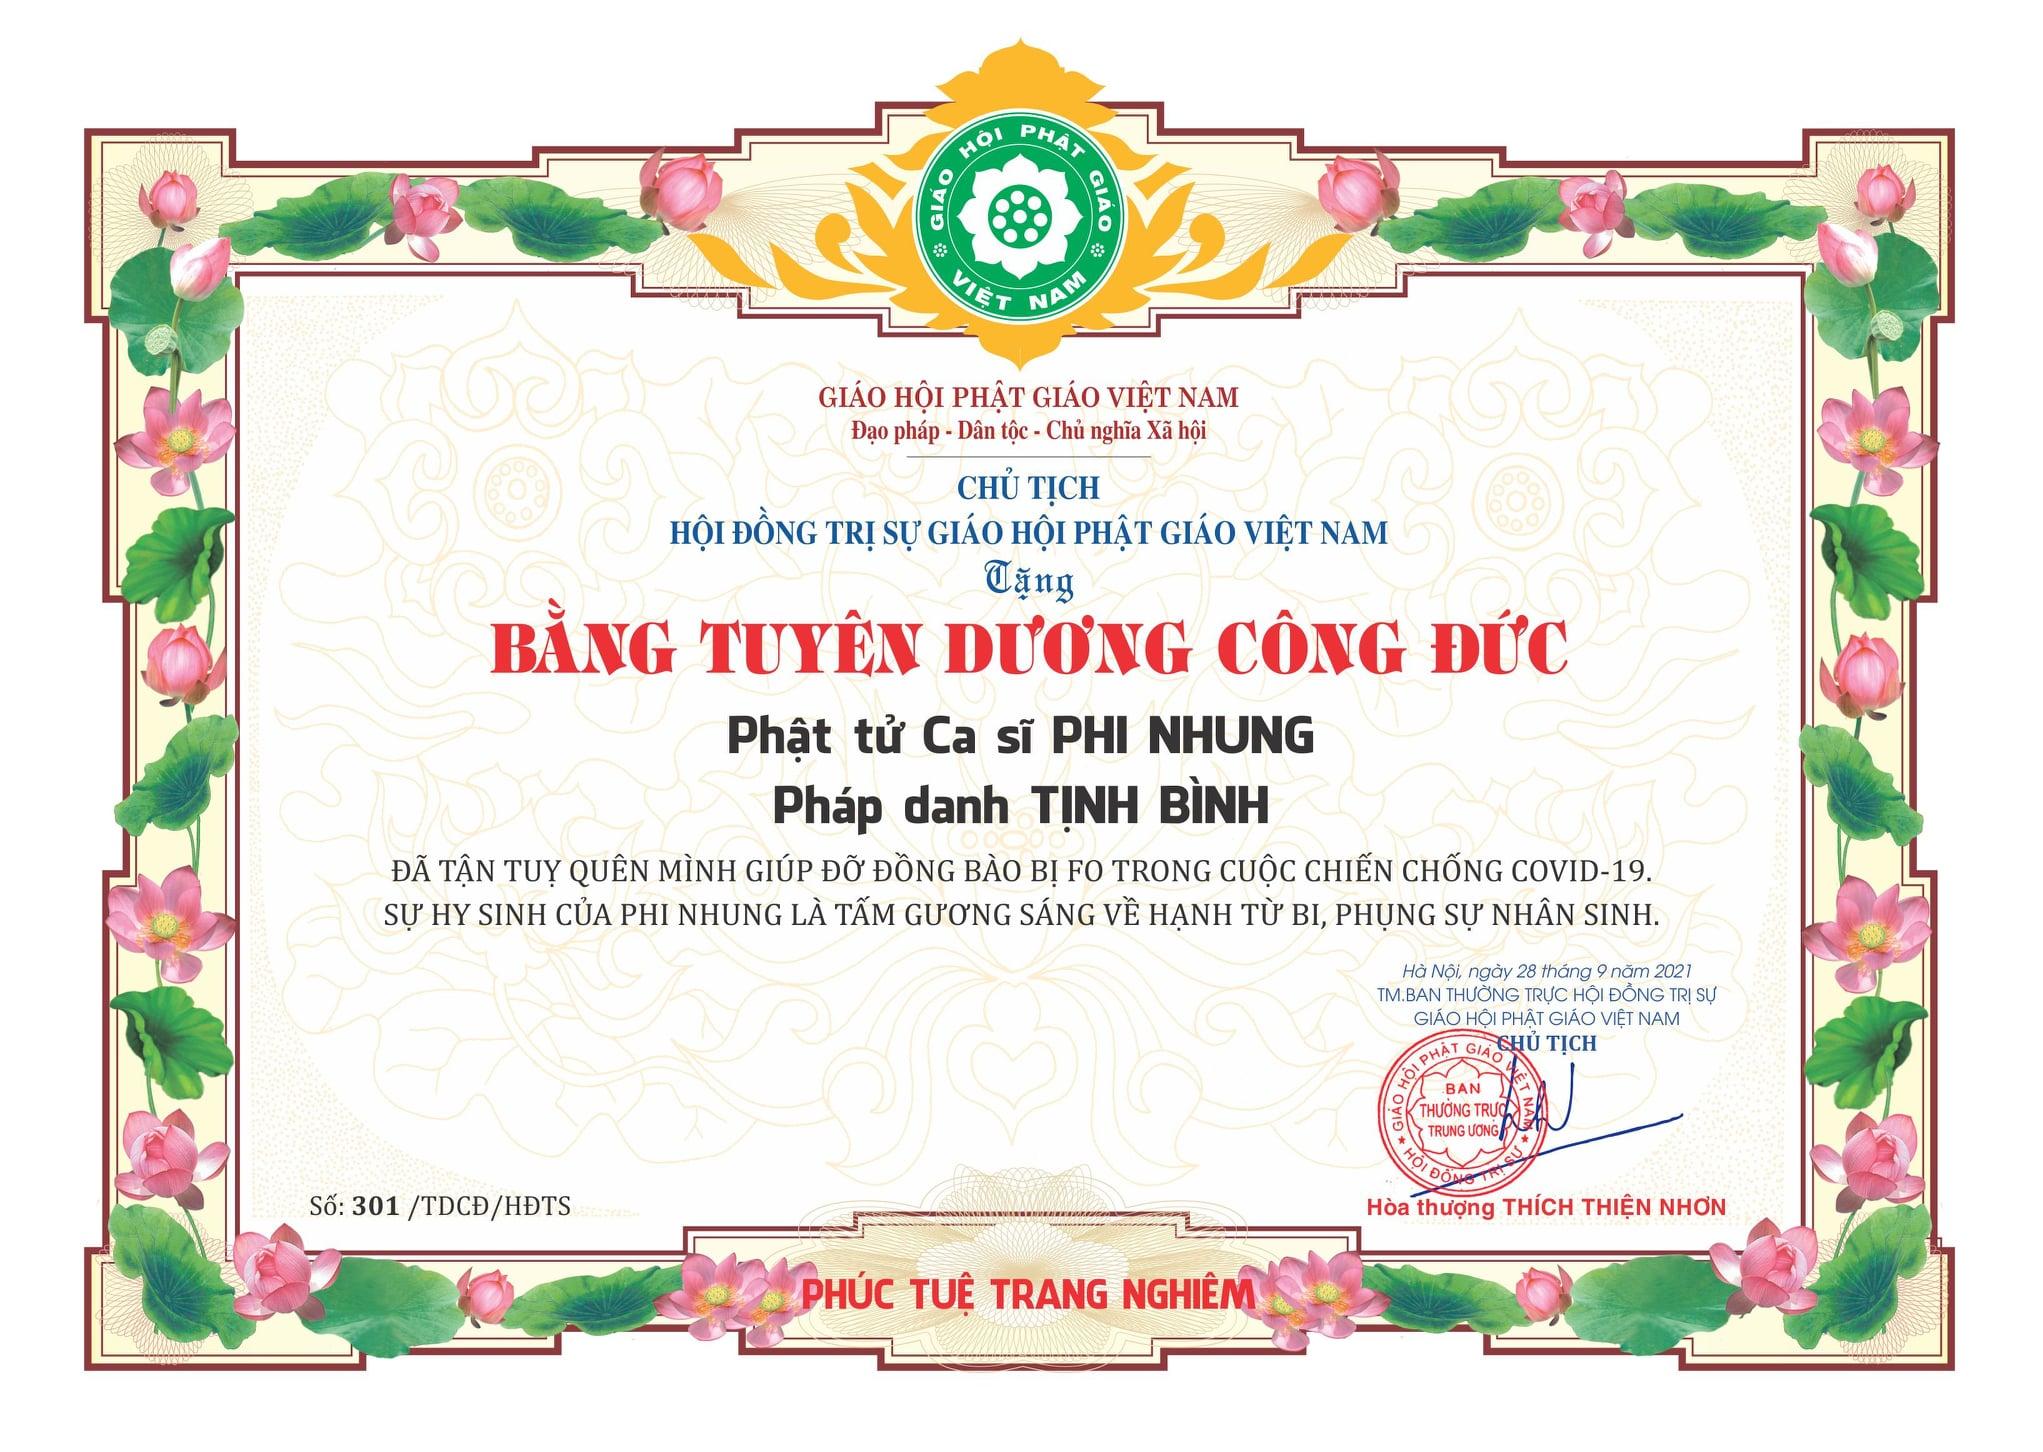 Hòa thượng Thích Thiện Nhơn-Chủ tịch GHPGVN tuyên dương công đức ca sĩ Phi Nhung